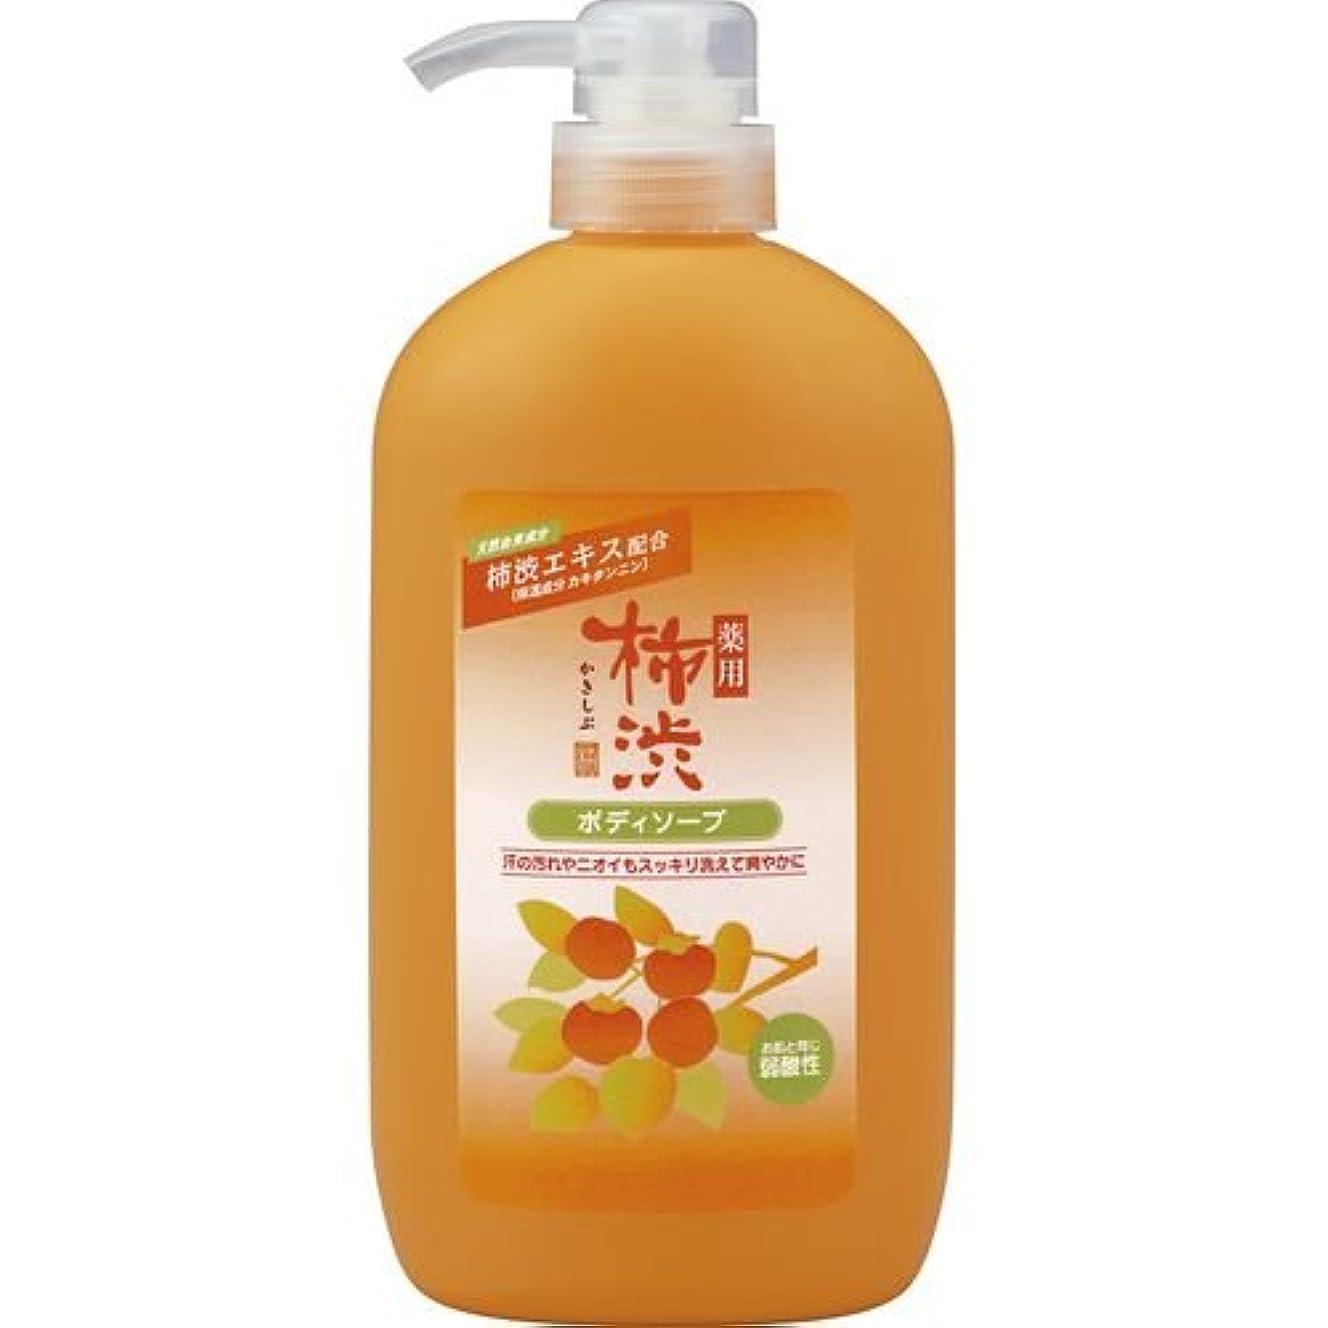 密輸乳剤亜熱帯薬用柿渋ボディソープ ボトル600ml